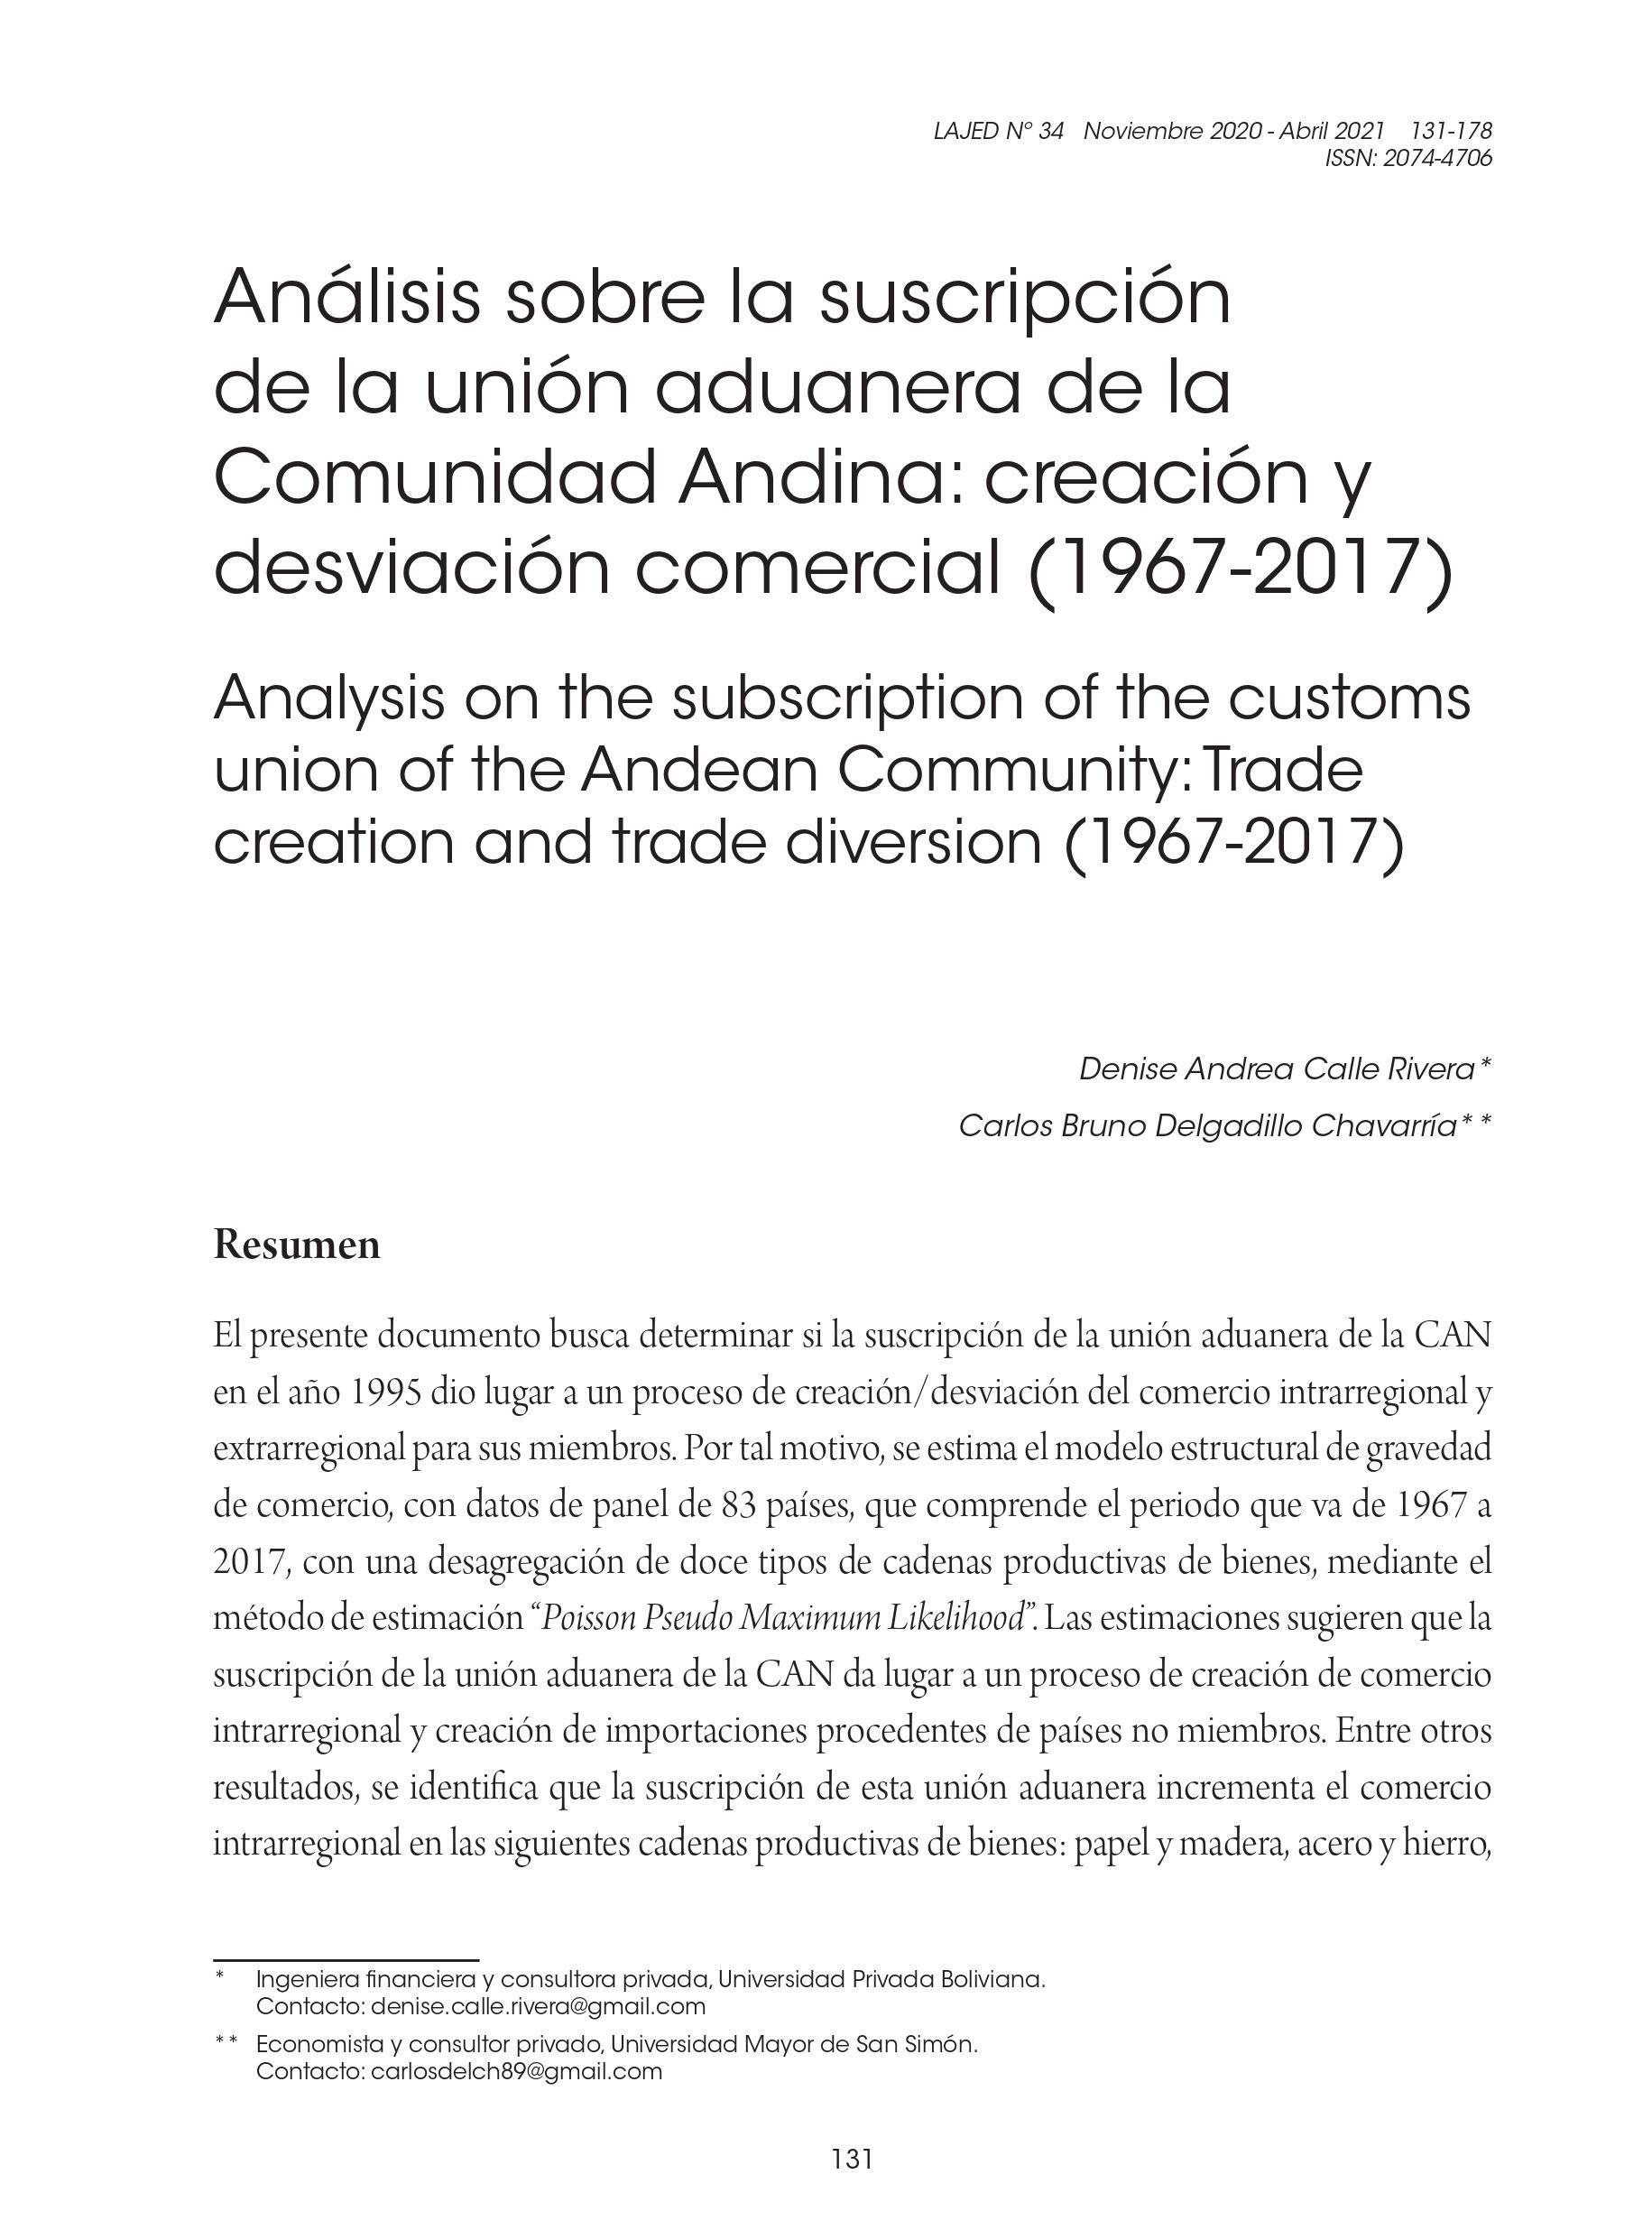 Análisis sobre la suscripción de la unión aduanera de la Comunidad Andina: creación y desviación comercial (1967-2017)